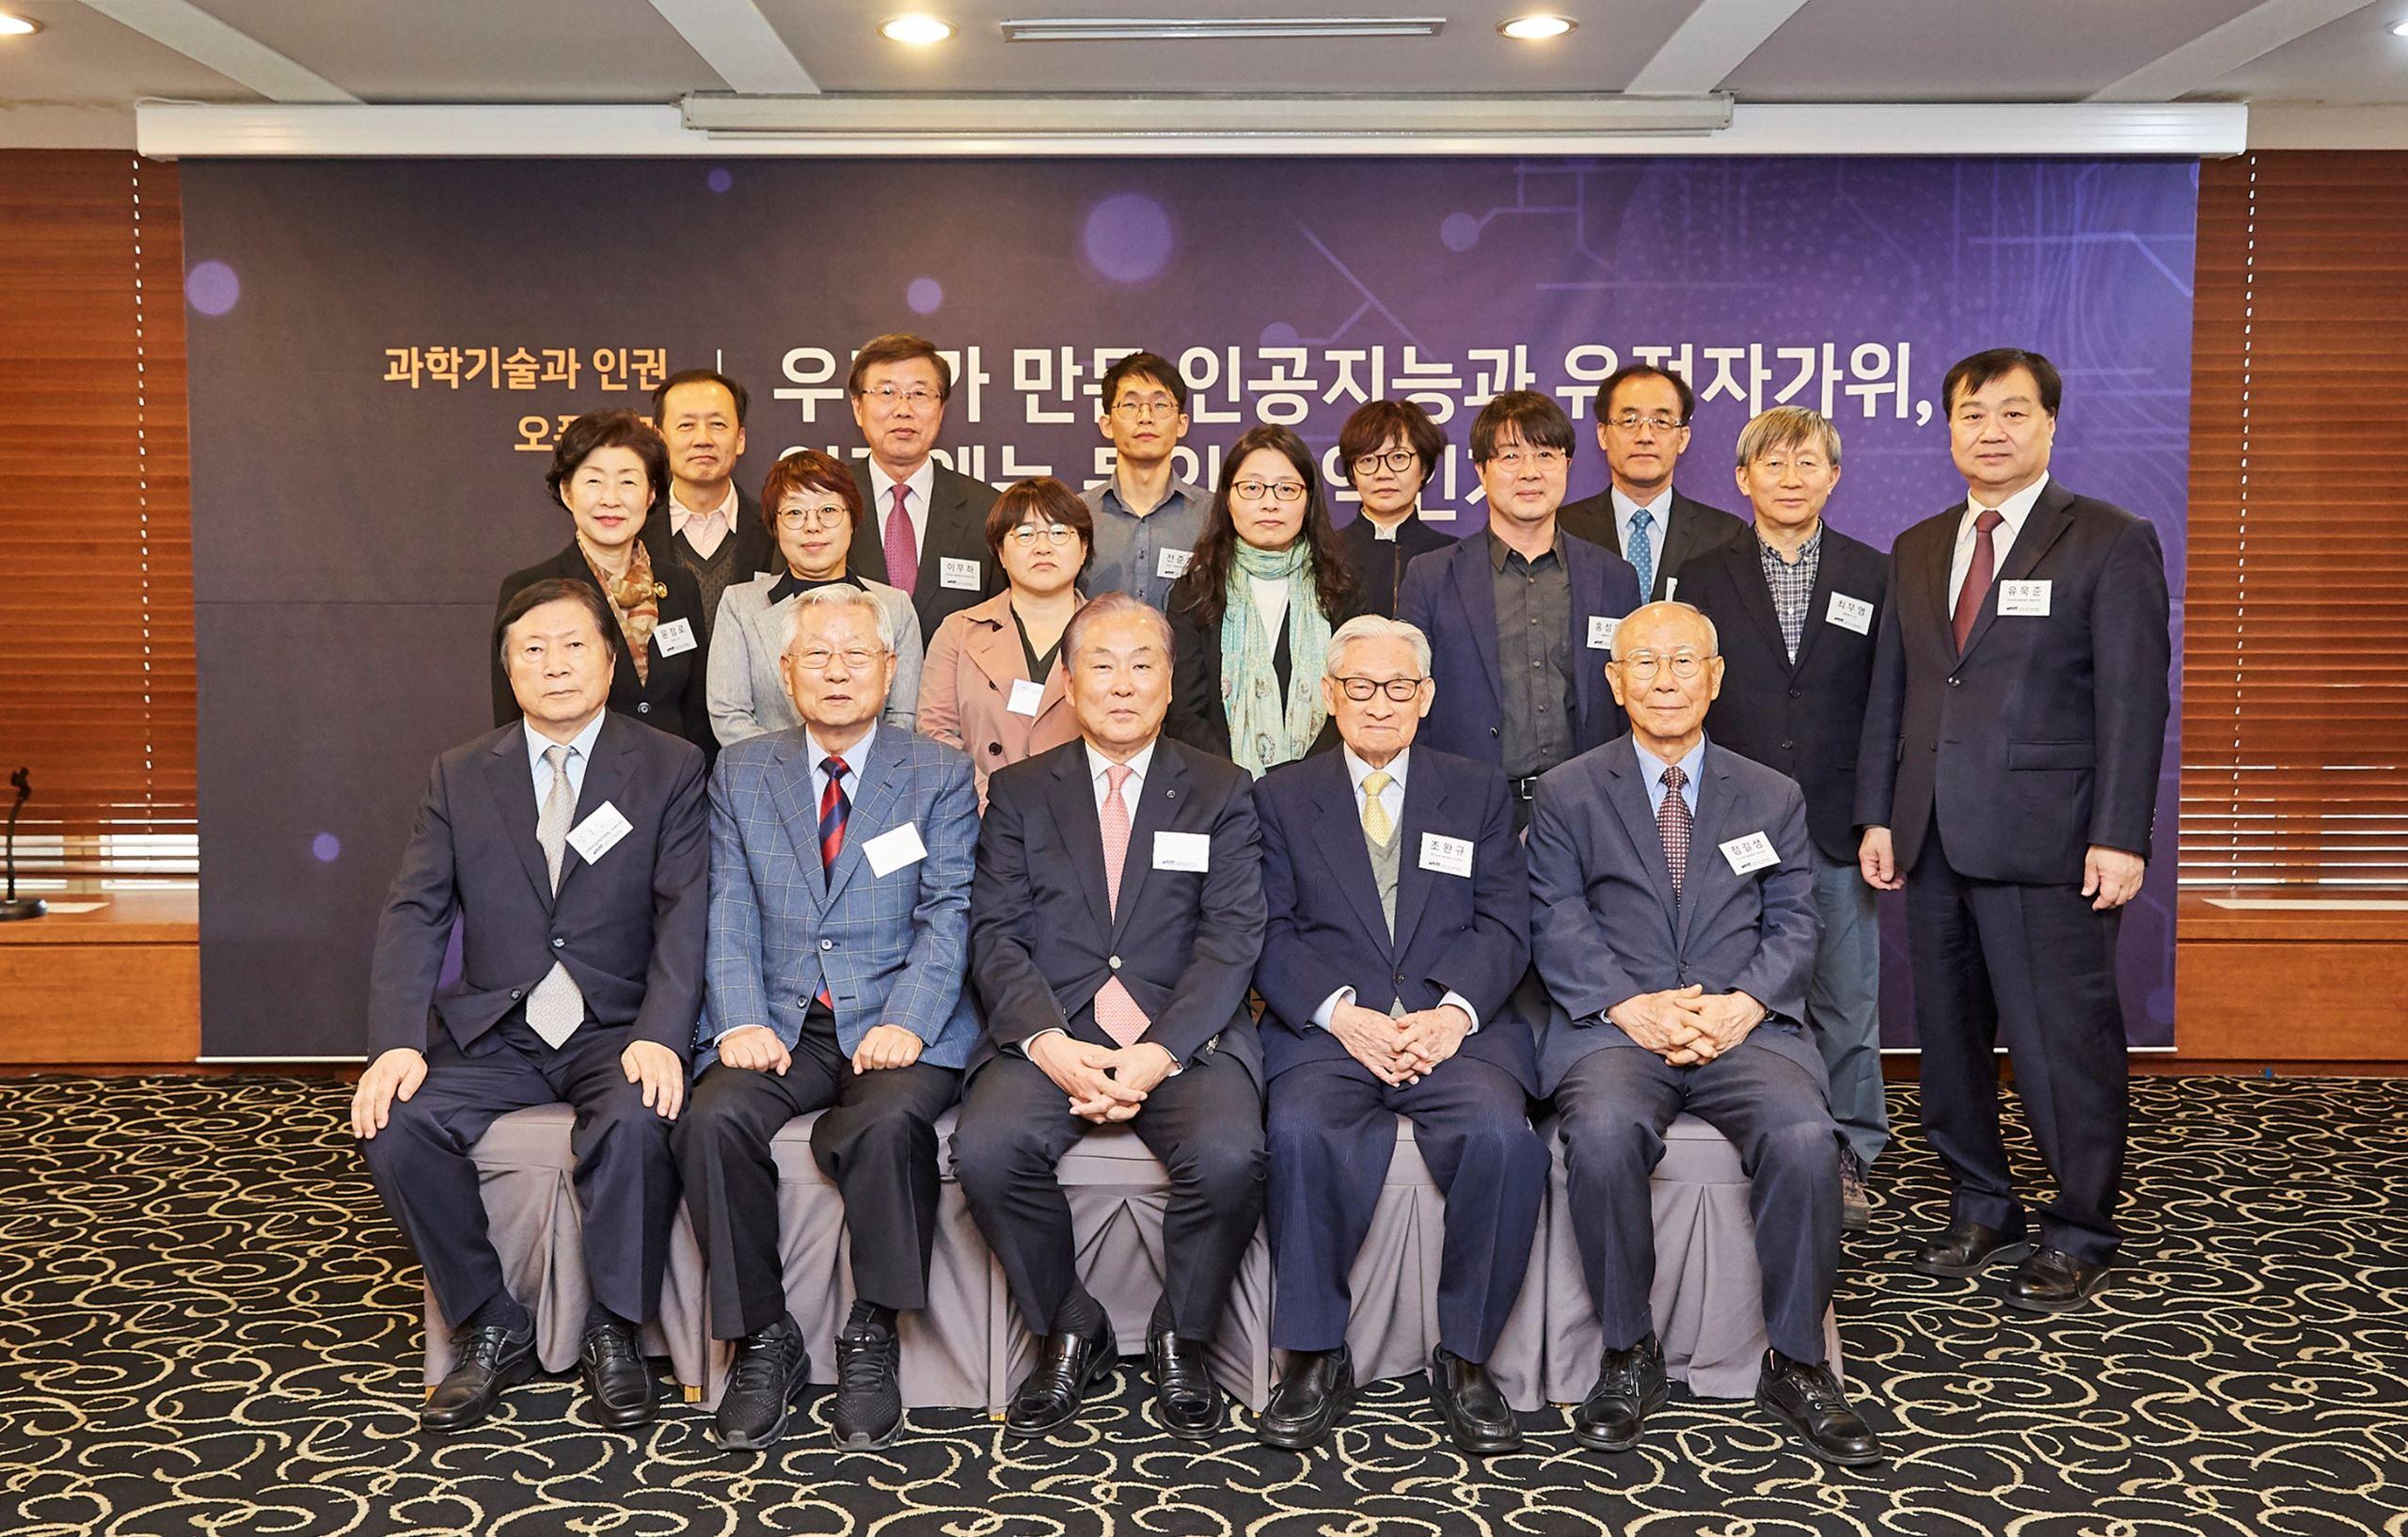 참석자 단체사진.jpg